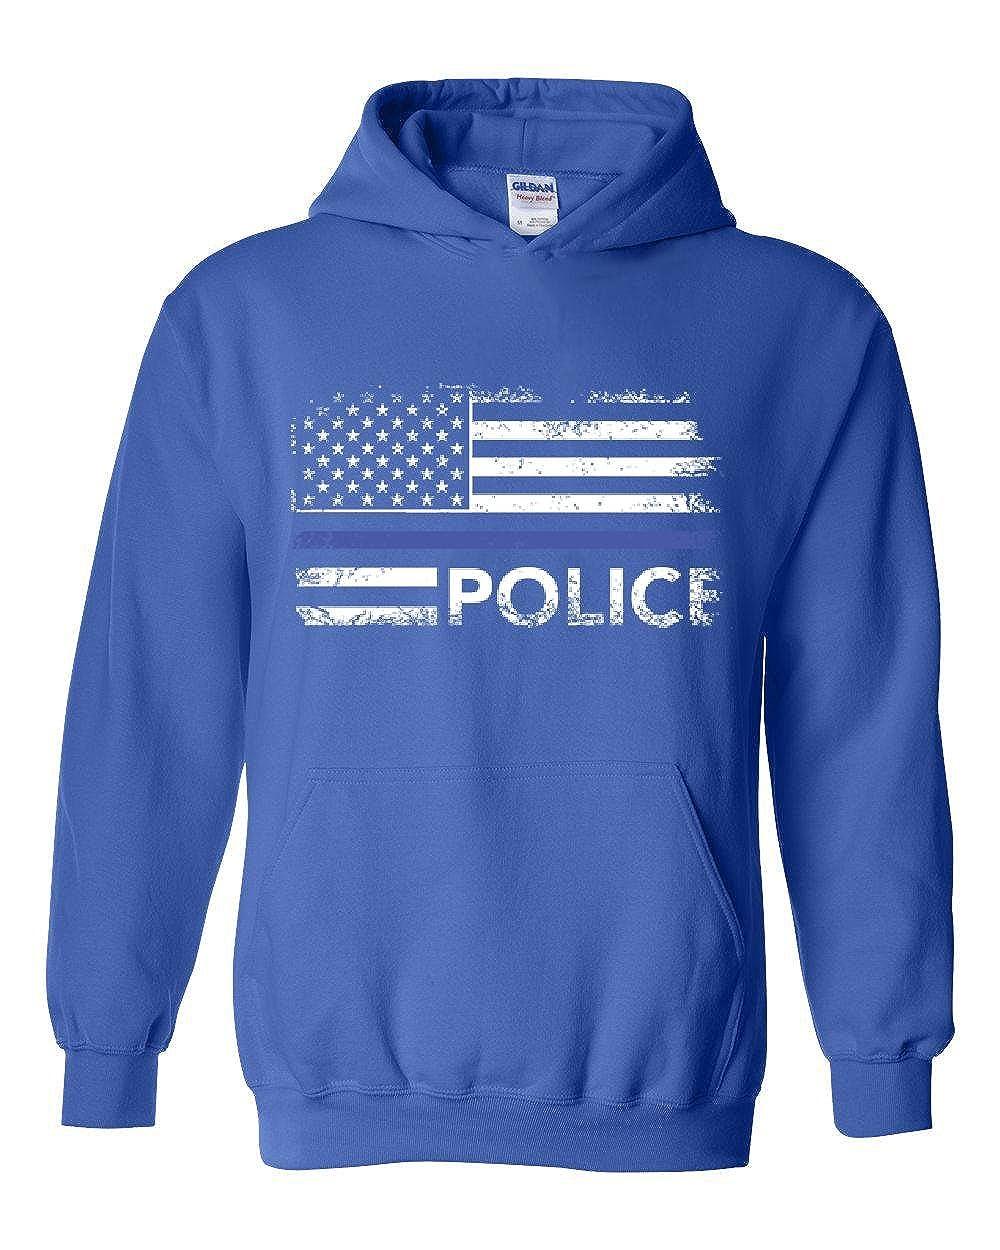 Police Hoodie Police American Flag Mens Hoodie Sweatshirt